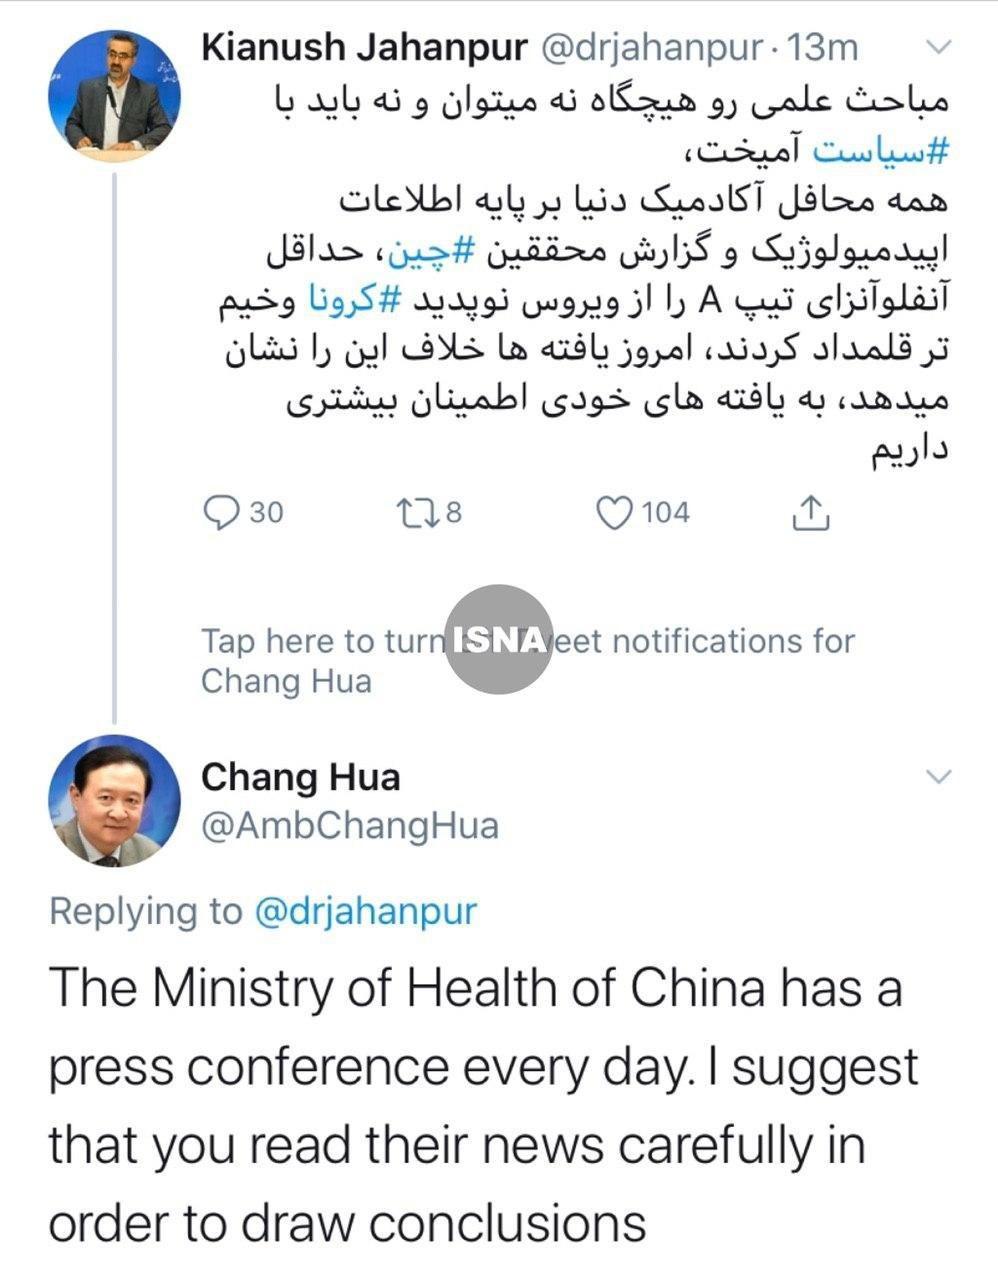 انتقاد سخنگوی وزارت بهداشت: چین با ارائه آمار و مدارکش درباره کووید-19 شوخی تلخی با دنیا کرد